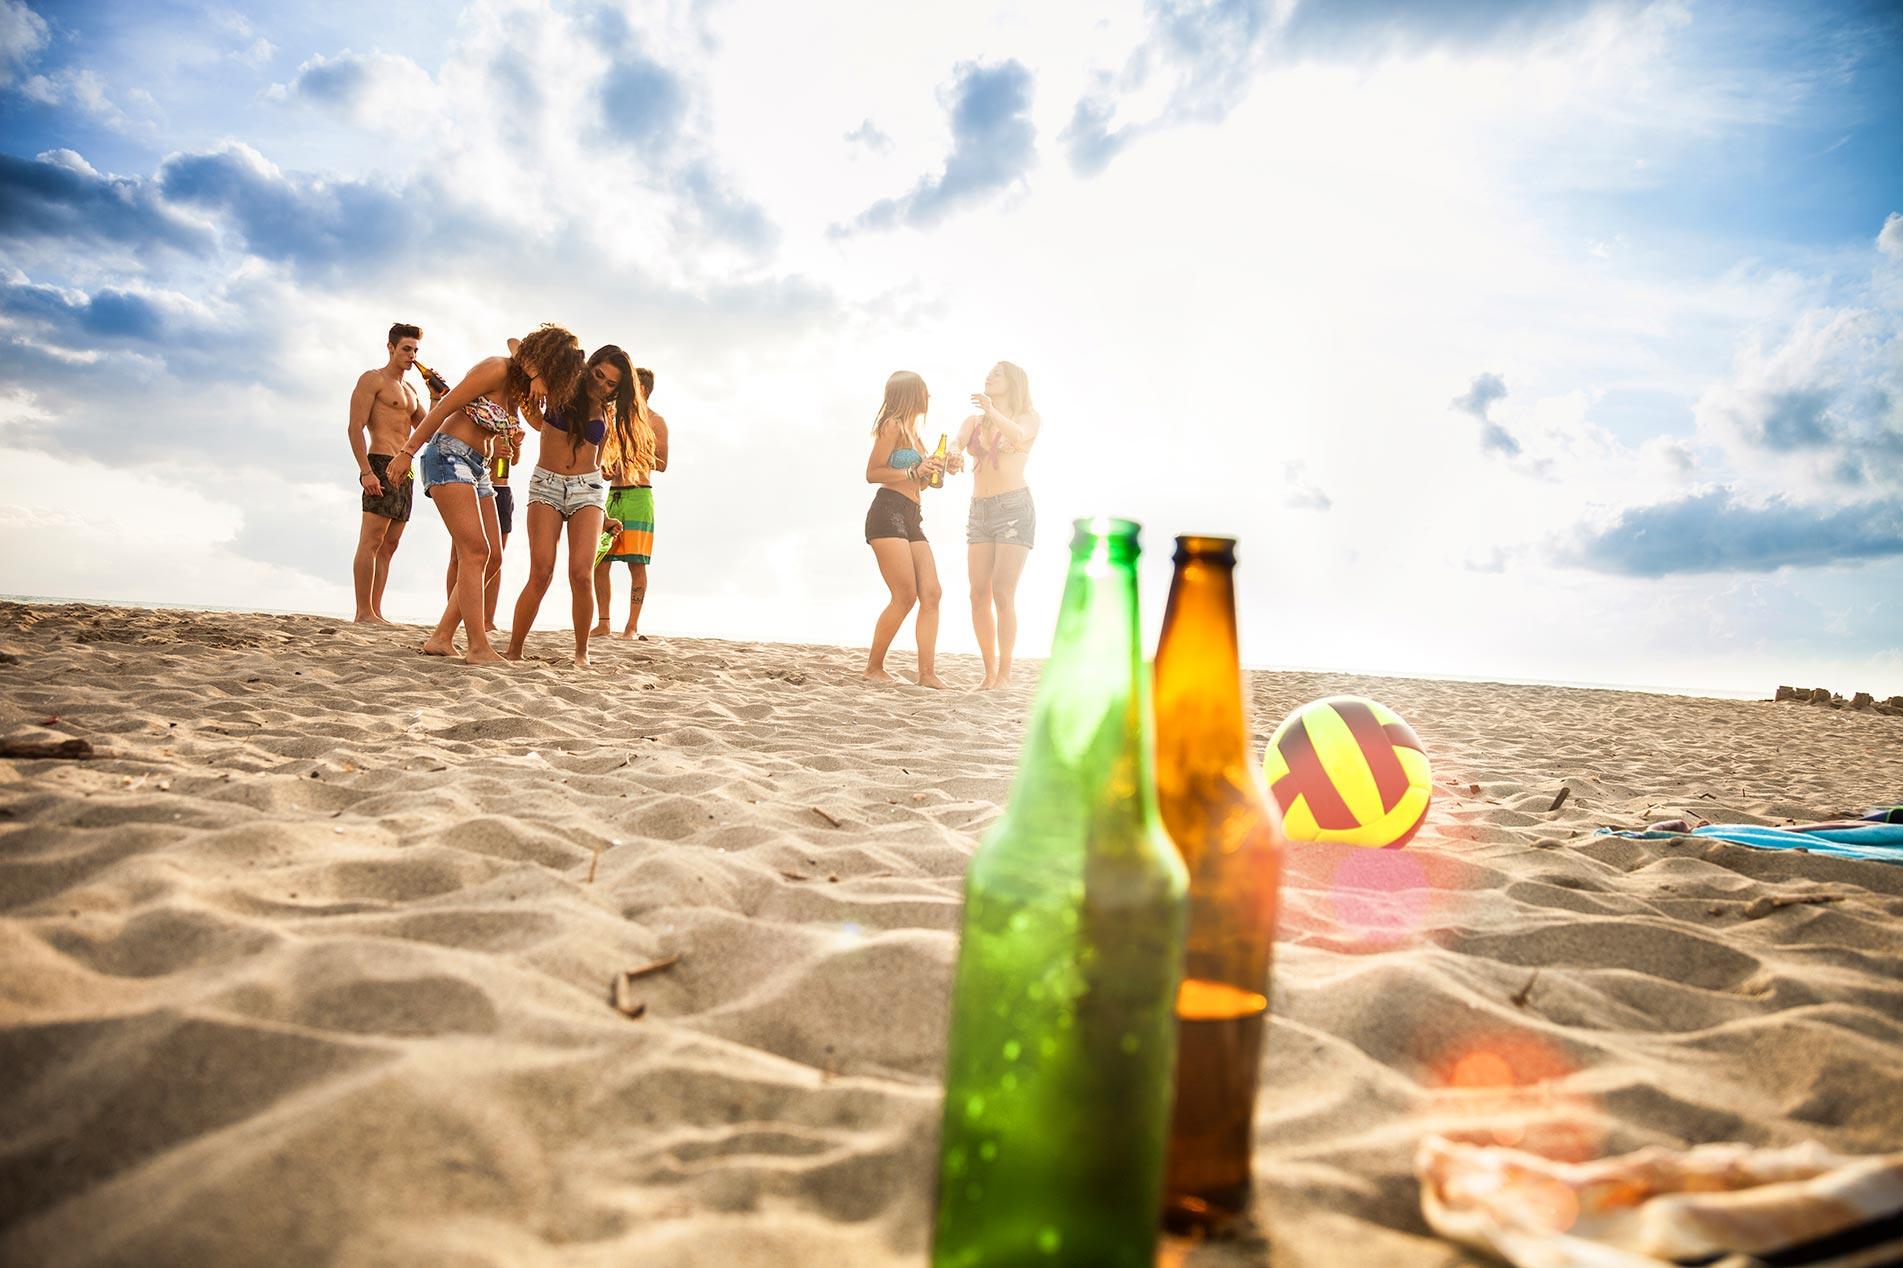 קנטה מושלמת על החוף ב- 7 צעדים פשוטים